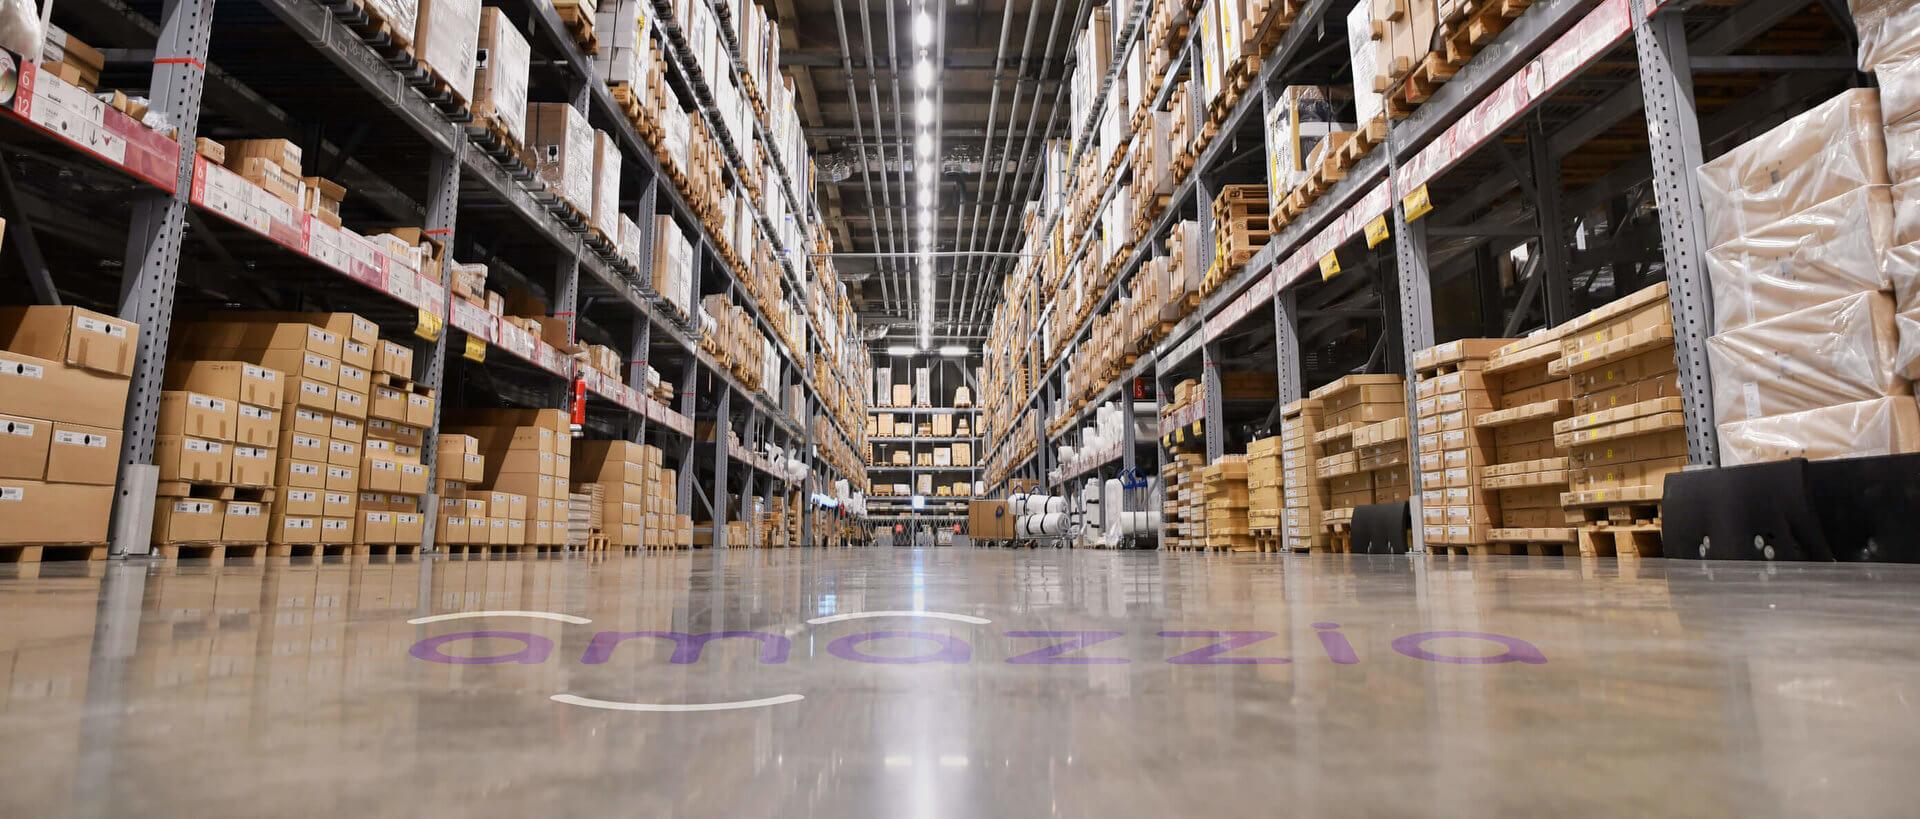 amazzia_distribution_warehouse_amazon_ecommerce